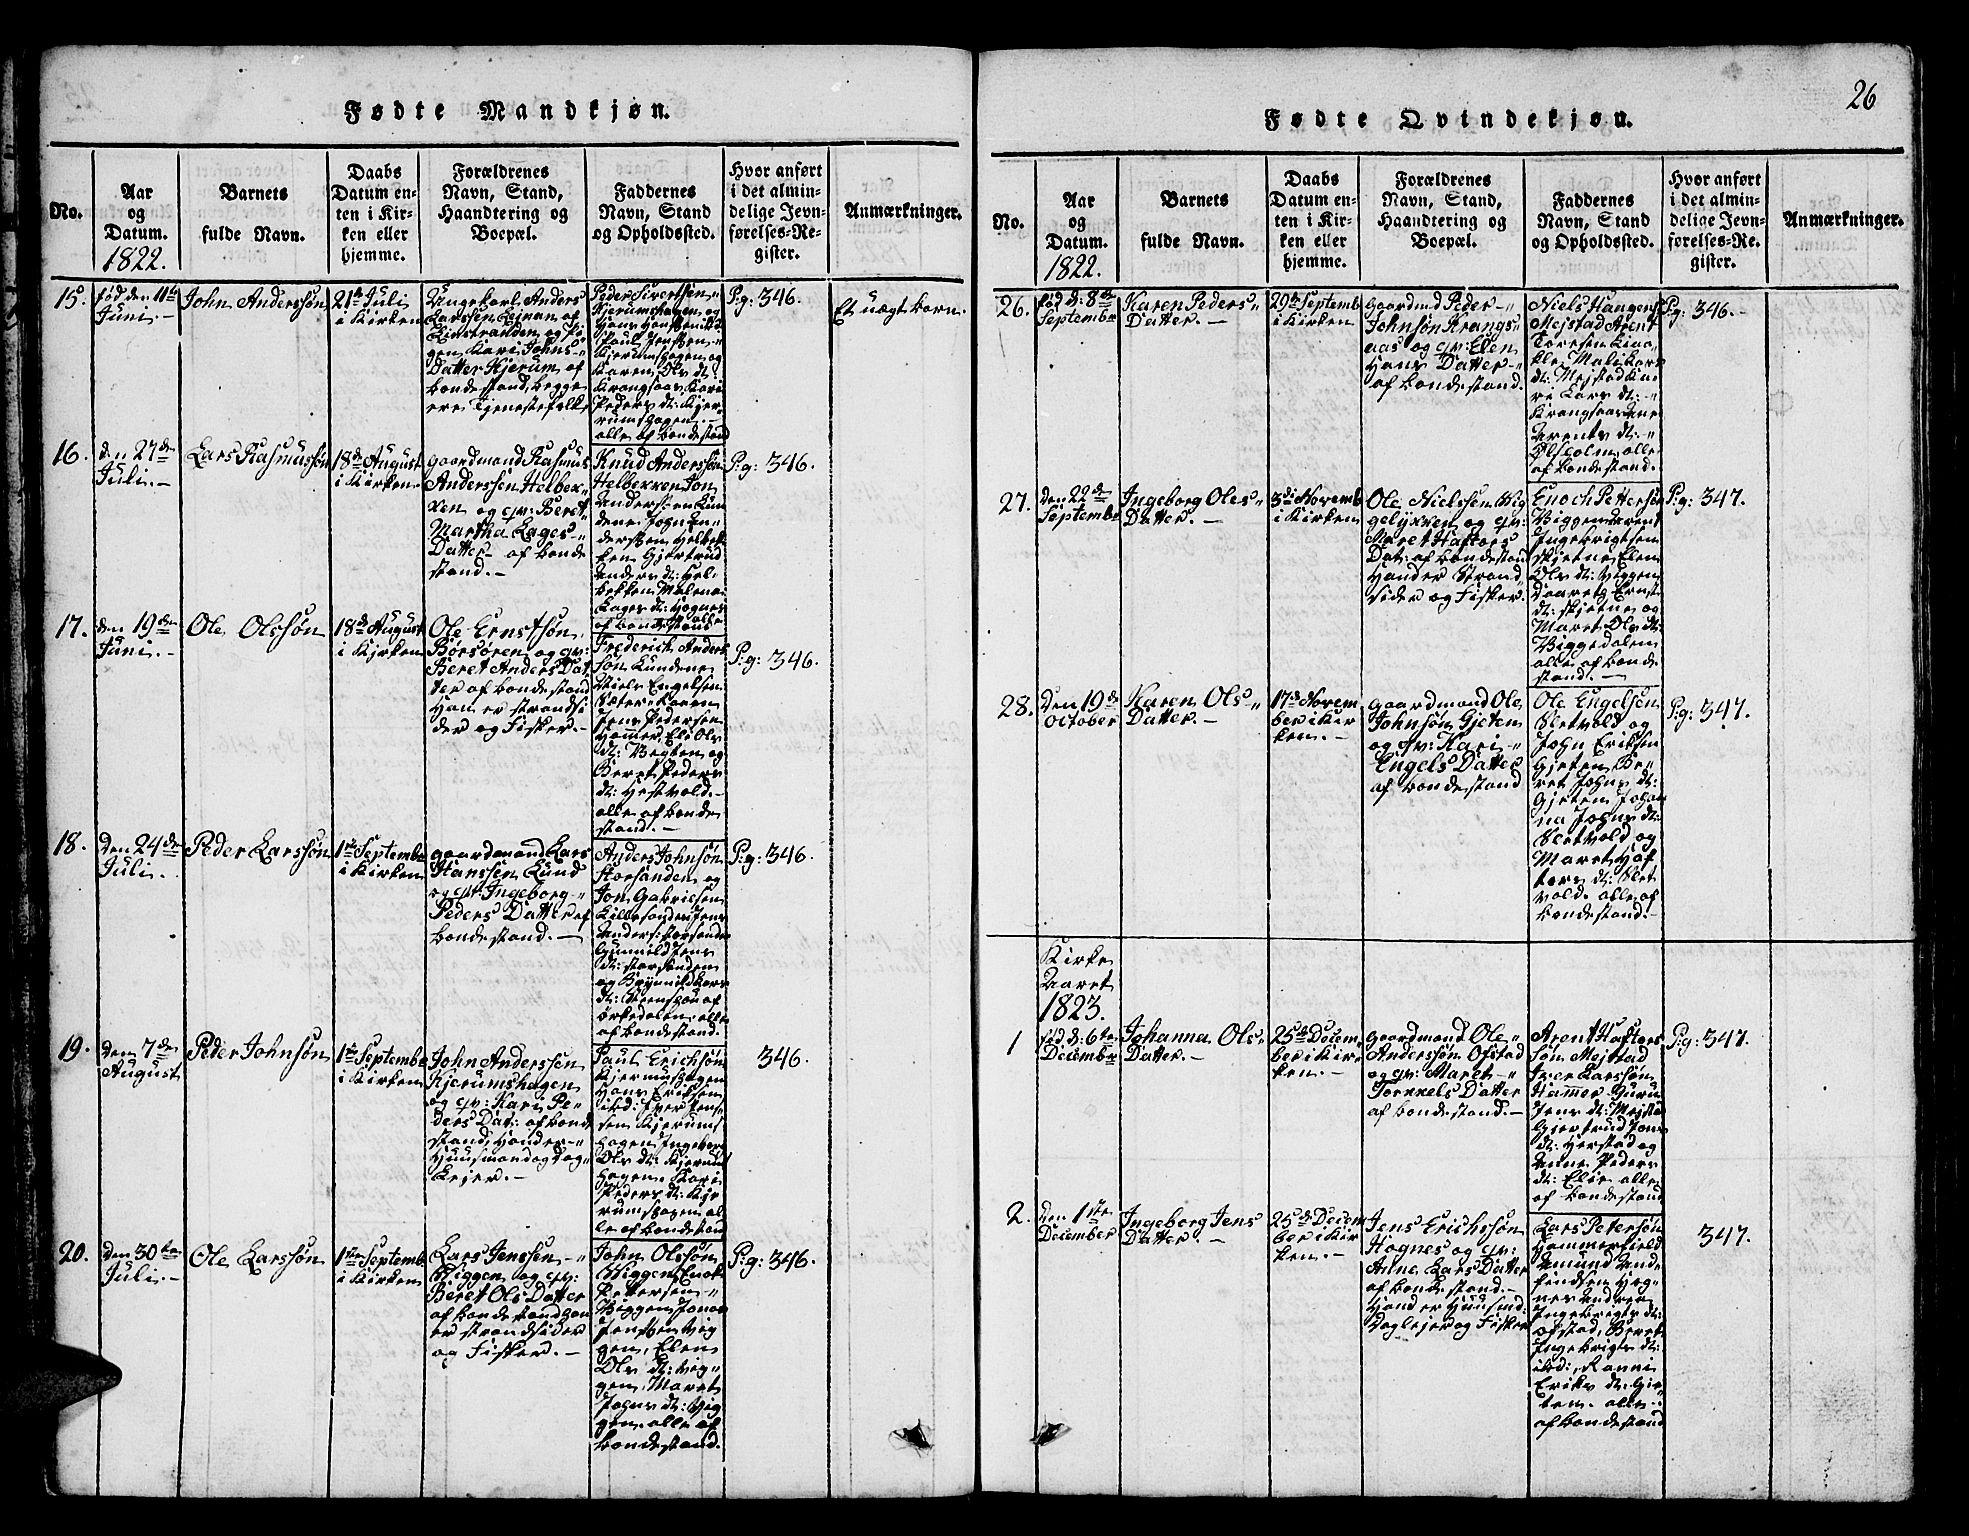 SAT, Ministerialprotokoller, klokkerbøker og fødselsregistre - Sør-Trøndelag, 665/L0776: Klokkerbok nr. 665C01, 1817-1837, s. 26